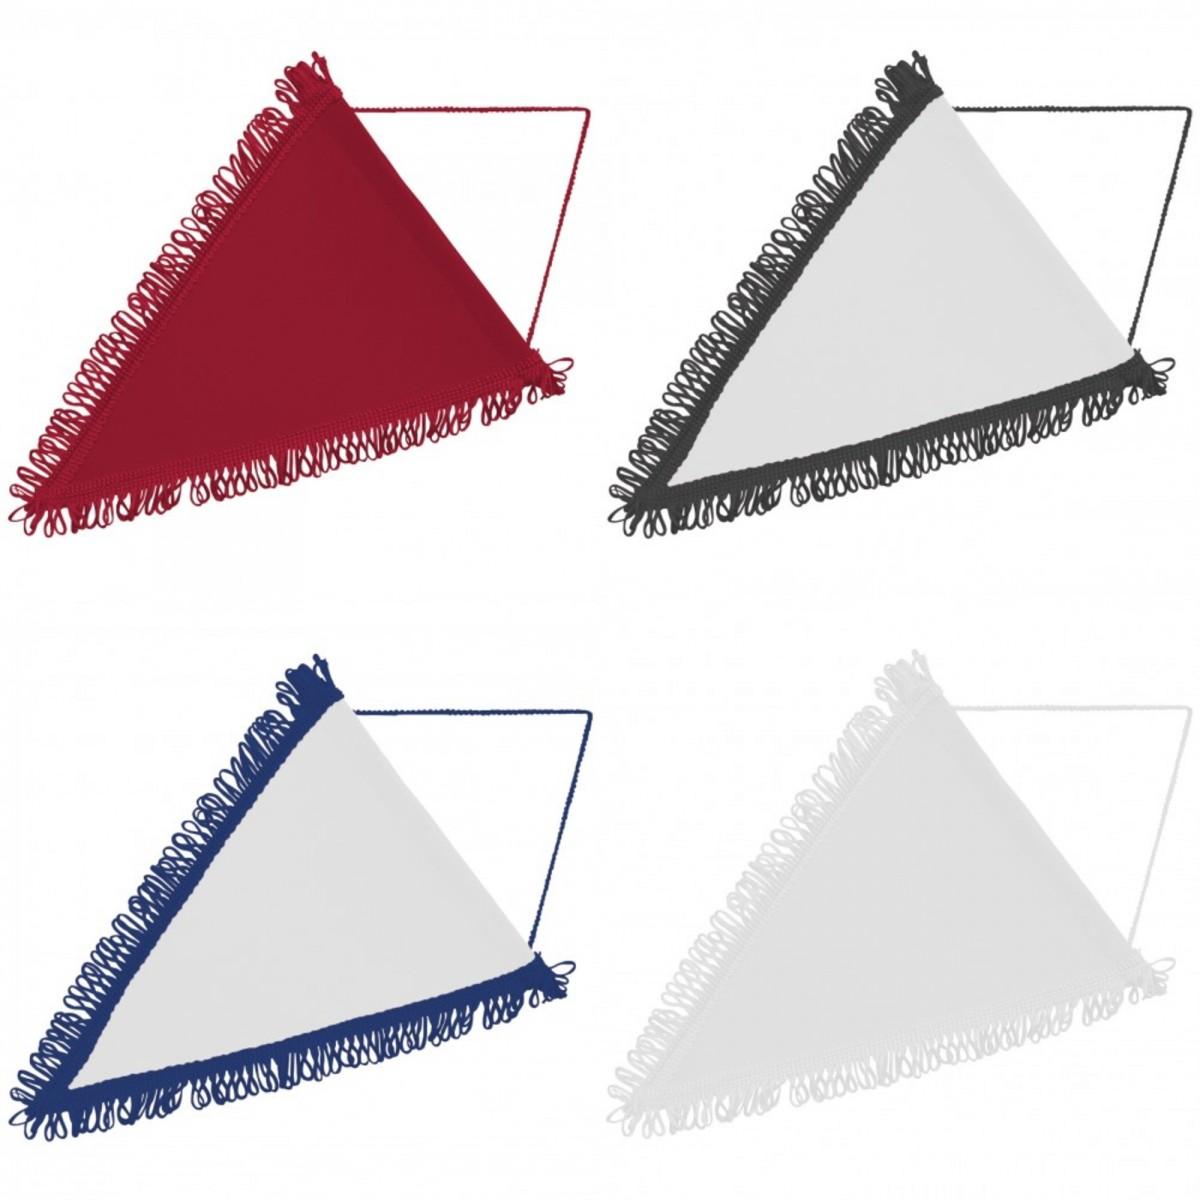 (レディーレンジ) Ready Range 三角旗 フラッグ ペナント 10枚セット 【海外直送】